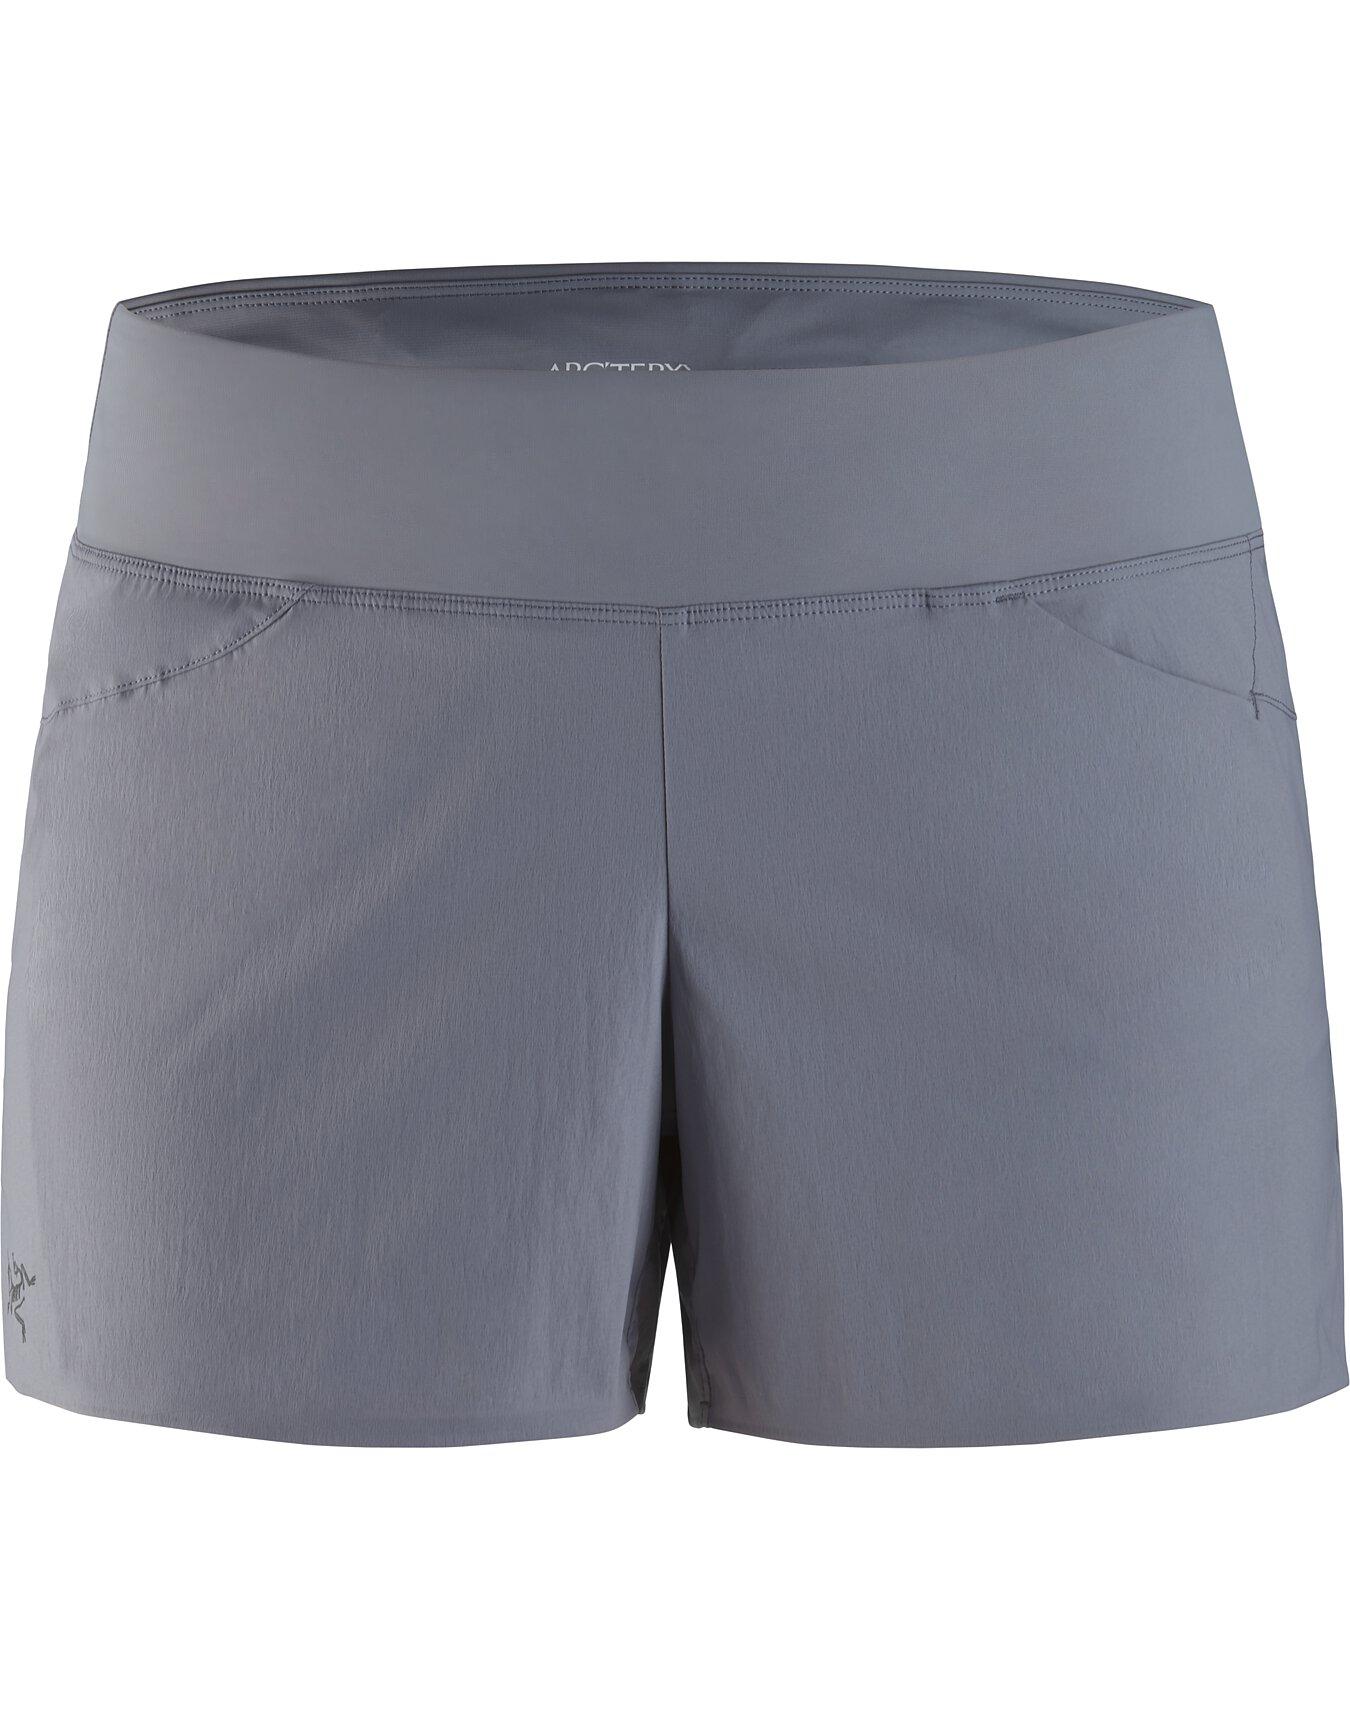 Kapta Short 3.5 Women's